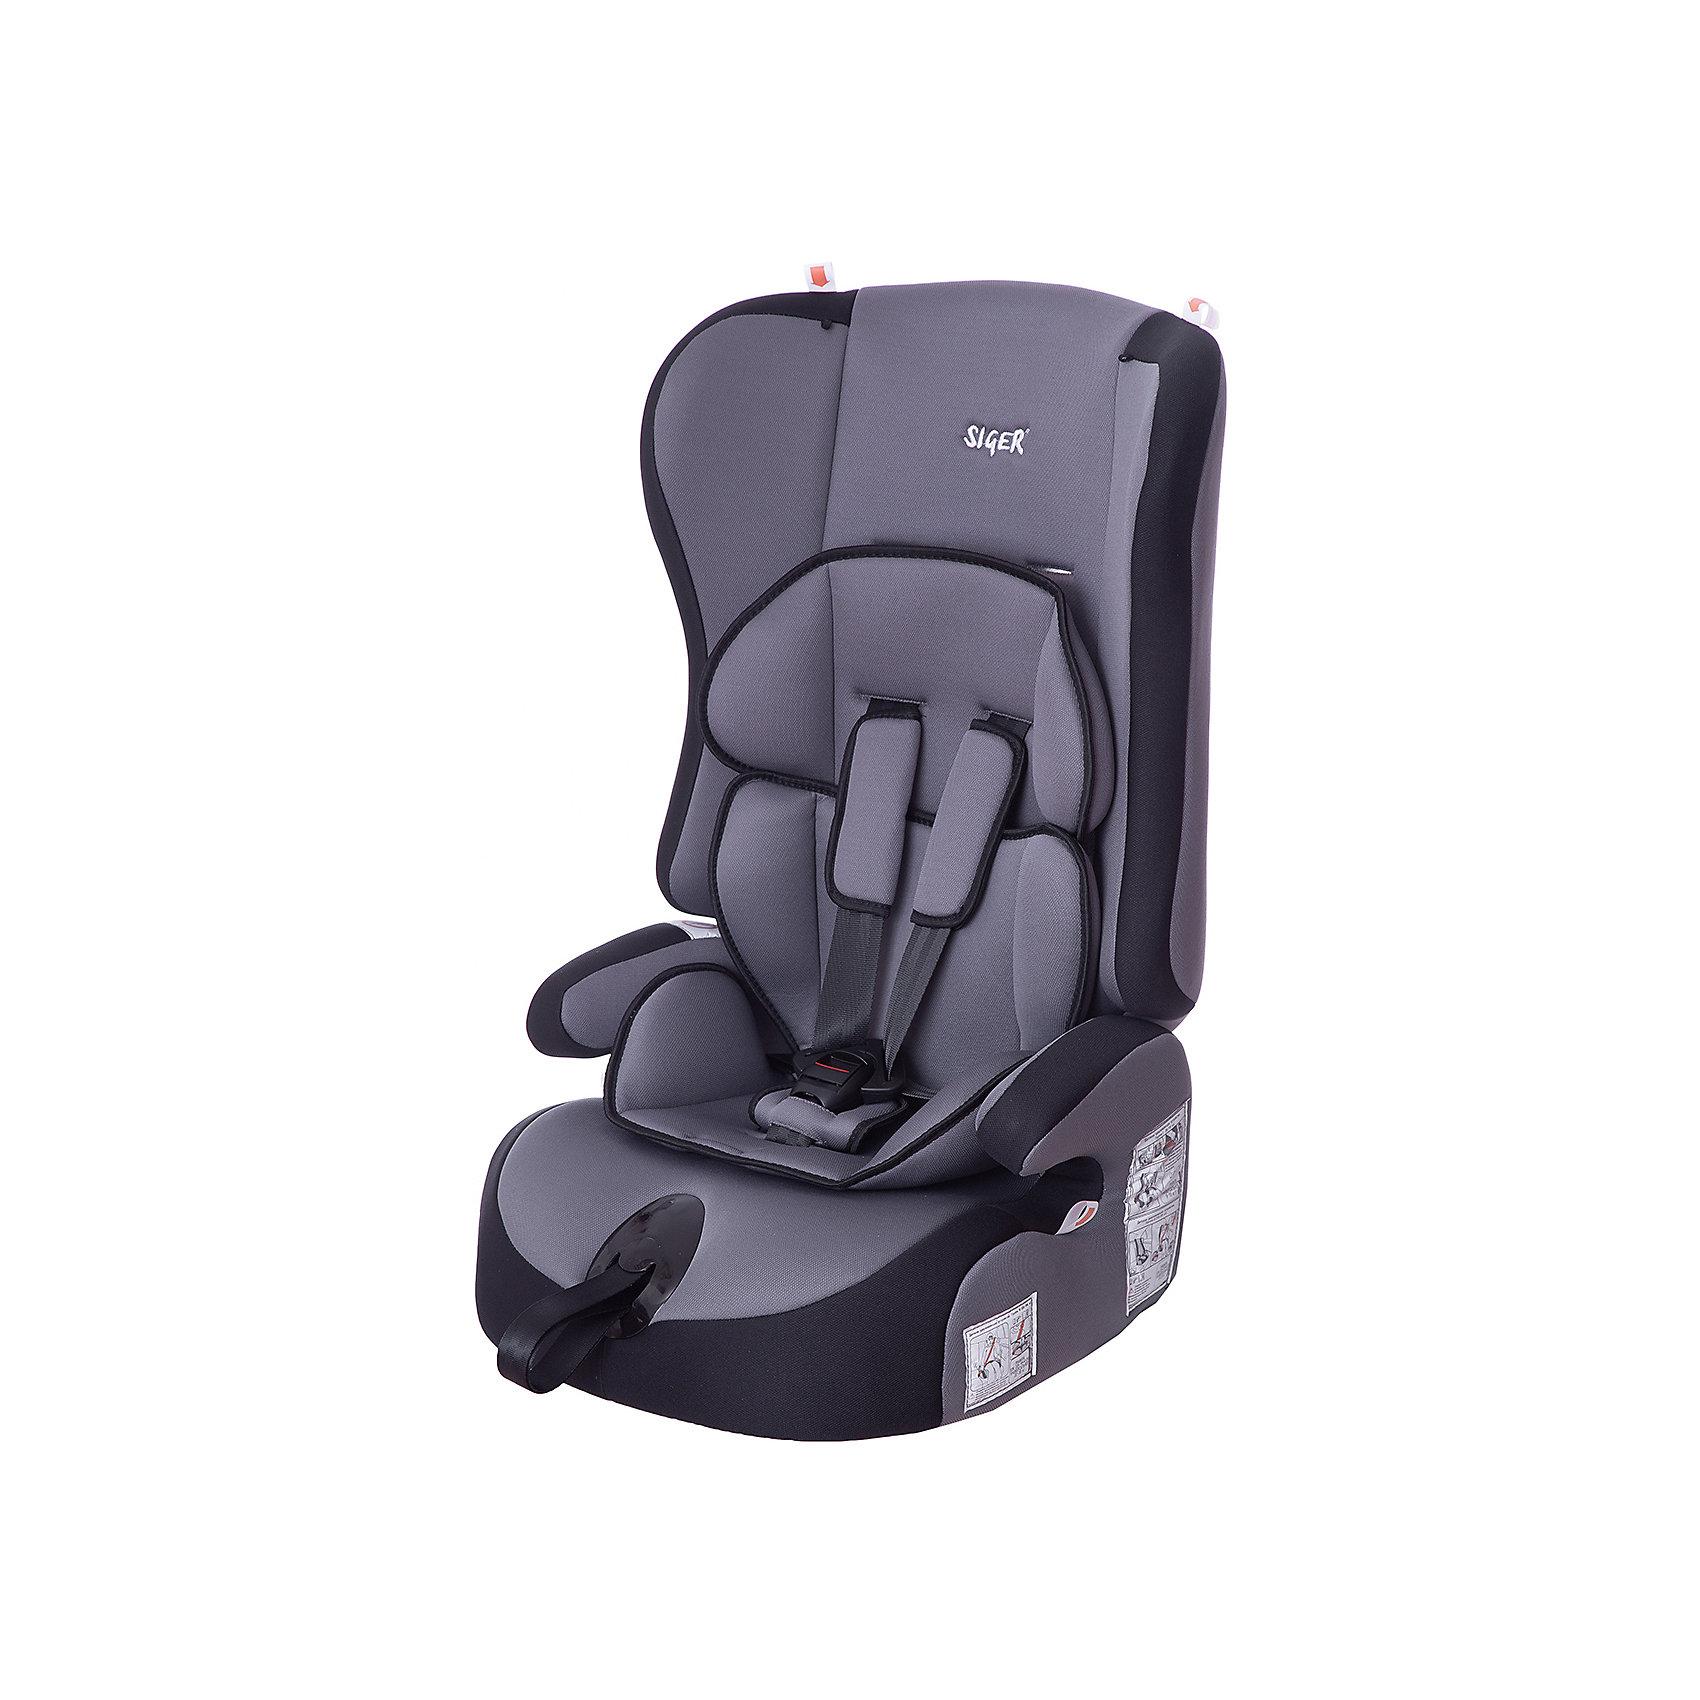 Автокресло Siger Прайм, 9-36 кг, серыйГруппа 1-2-3 (От 9 до 36 кг)<br>Детское автомобильное кресло SIGER  Прайм.  <br>Подходит для детей весом от 9 до 36 килограмм. Возрастная категория от 1 года до 12 лет. <br>Описание:<br>- трансформируется в модели «-Спорт» и «-Бустер»;<br>- чехол – трикотажное полотно, плотность 250 г/м2;<br>- специальная G-скоба, облегчающая установку кресла;<br>- ортопедическая спинка и особая форма подголовника защищает голову и плечи малыша от боковых ударов;<br>- двухпозиционная регулировка внутреннего ремня (лето-зима);<br>- износостойкий чехол, легко стирается, не вызывает аллергических реакций, не  выгорает;<br>- ортопедическая округлая форма сиденья предохраняет ножки малыша от затекания.<br>Дополнительная информация:<br> - ширина посадочного места – 27-34 см;<br>- глубина посадочного места – 30 см;                                                                                                                    <br>- высота посадочного места – 12 см.<br>- высота спинки – 58 см;<br>- нижнее положение ремней безопасности – 30см;<br>- среднее положение ремней безопасности – 35см;<br>- верхнее положение ремней безопасности – 40см;<br>- вес – 4,8 кг.<br>- корпус – ПНД-пластмасса ПЭ2МТ76-17.<br>- цвет - серый.<br>Детское автомобильное кресло SIGER Прайм  можно купить в нашем интернет-магазине.<br><br>Ширина мм: 420<br>Глубина мм: 420<br>Высота мм: 870<br>Вес г: 4800<br>Возраст от месяцев: 12<br>Возраст до месяцев: 144<br>Пол: Унисекс<br>Возраст: Детский<br>SKU: 3340351